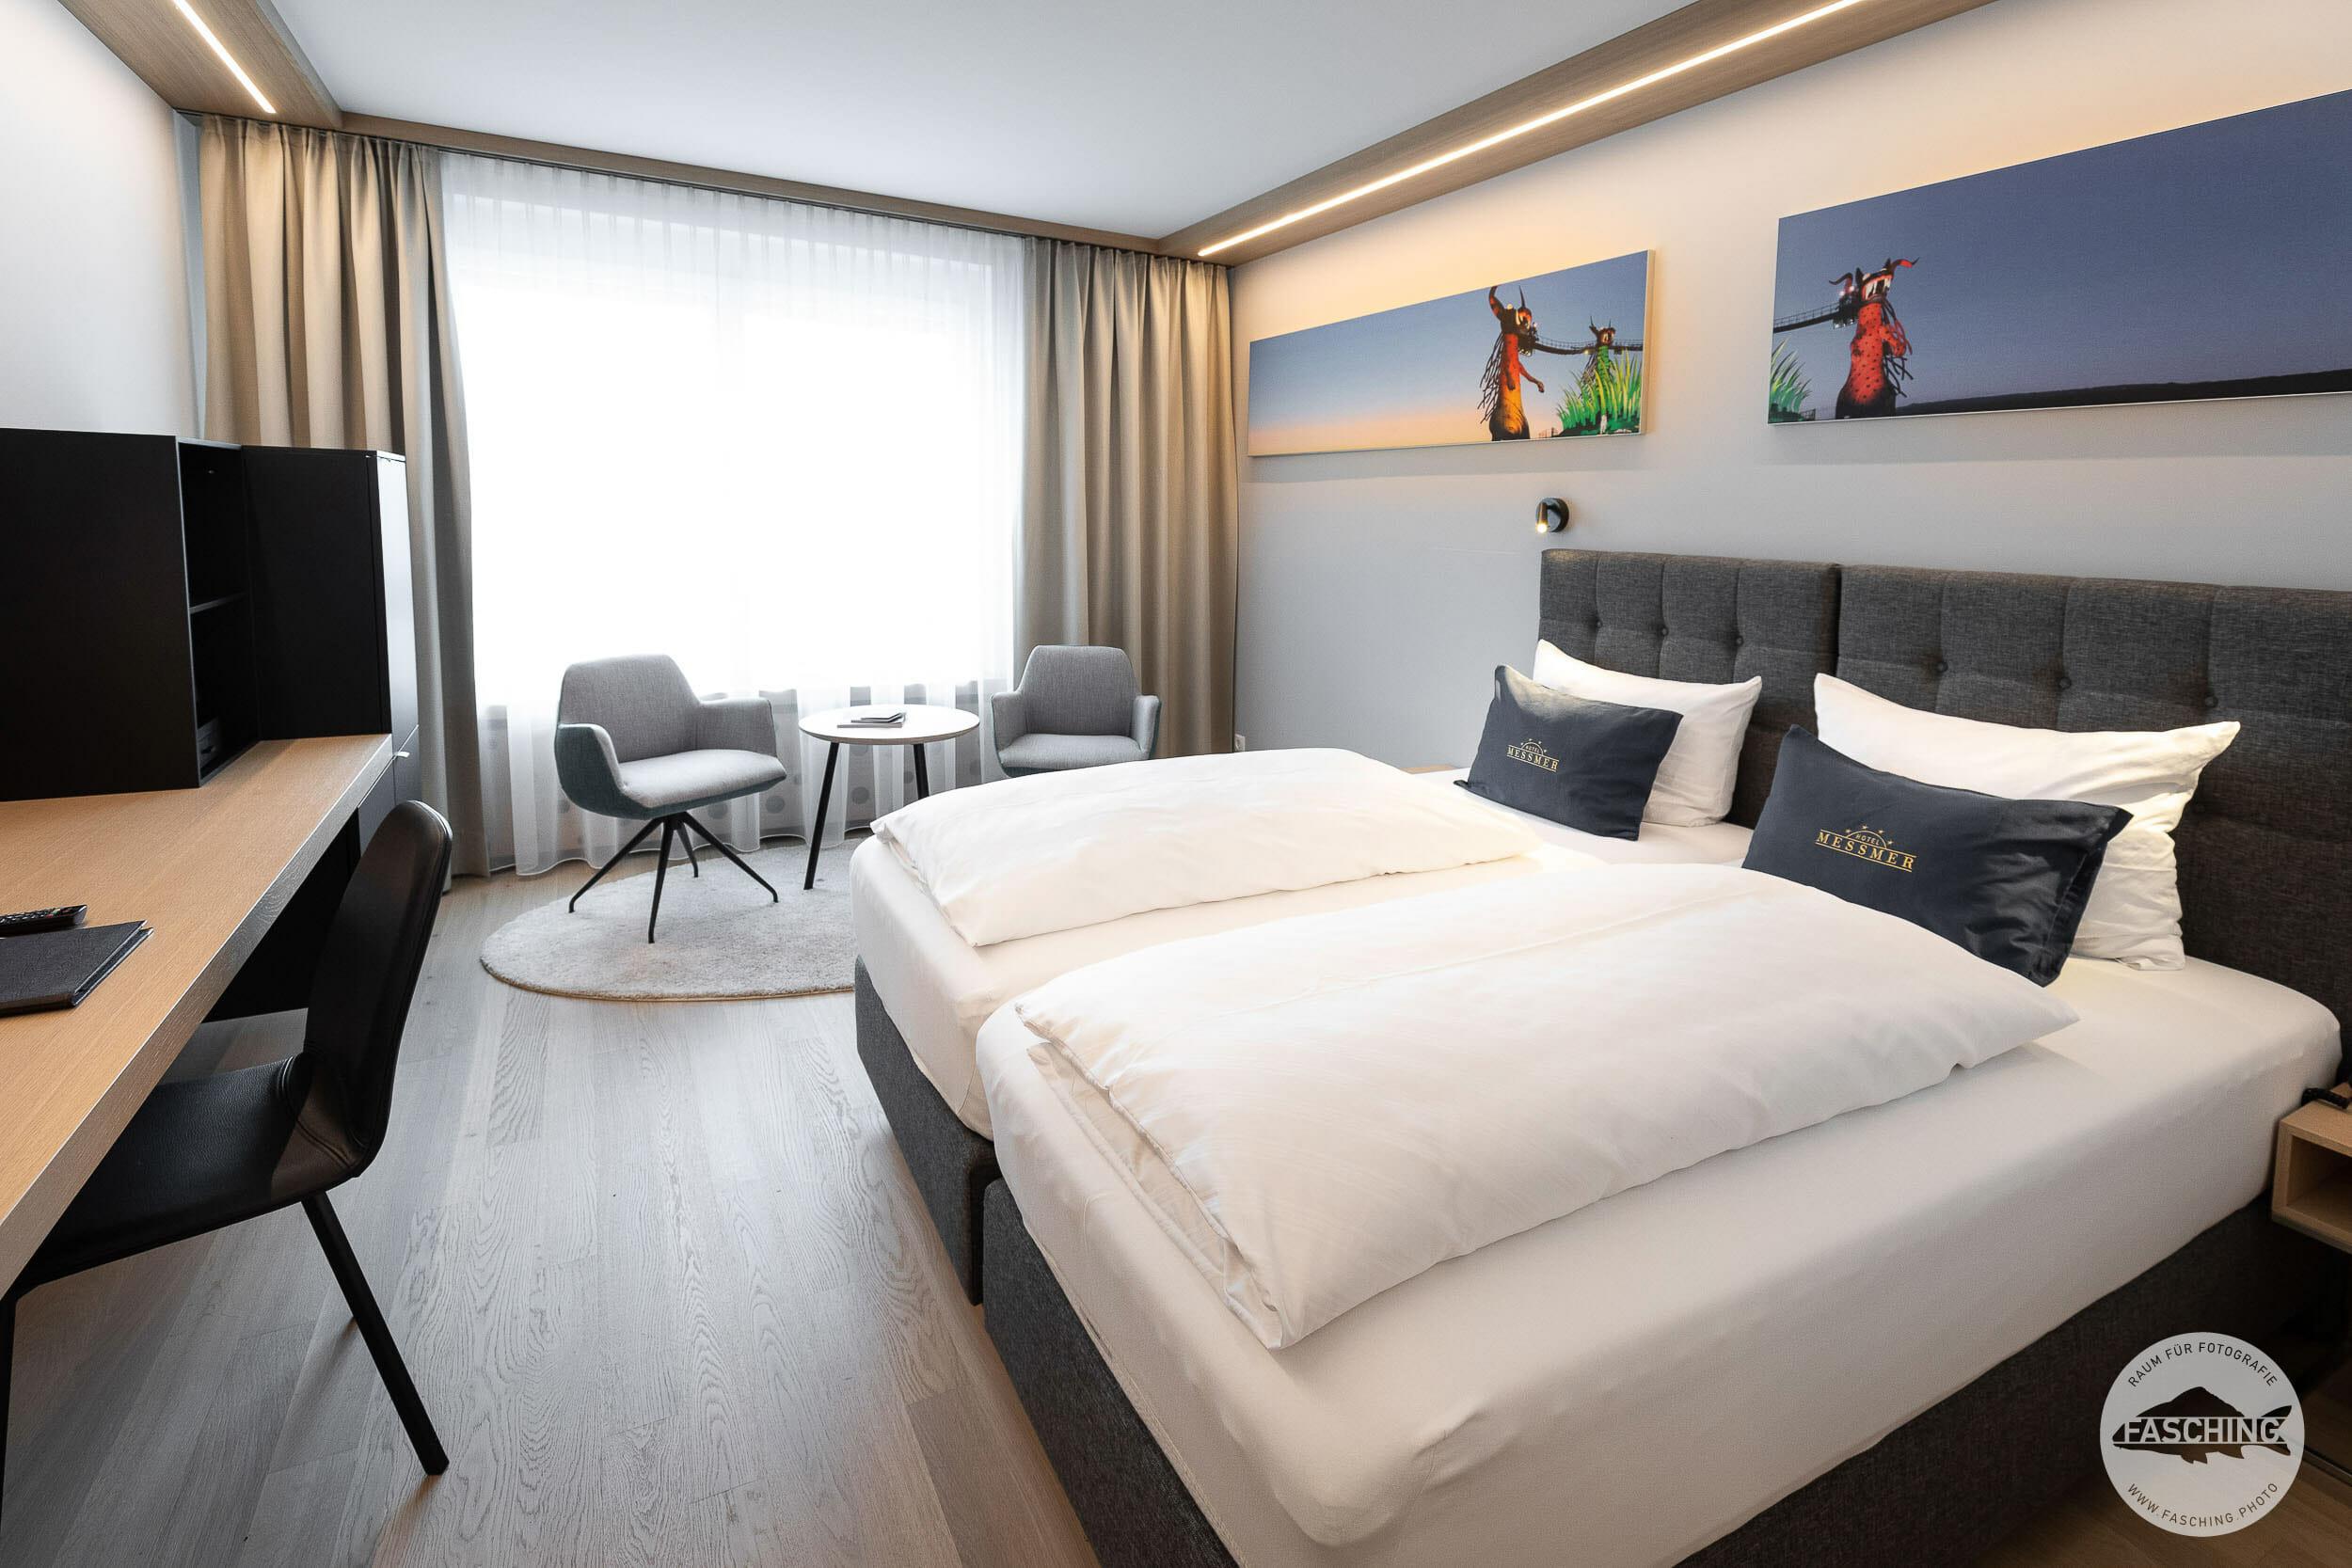 Hotelzimmer im Hotel Messmer, fotografiert von Studio Fasching, Bregenz